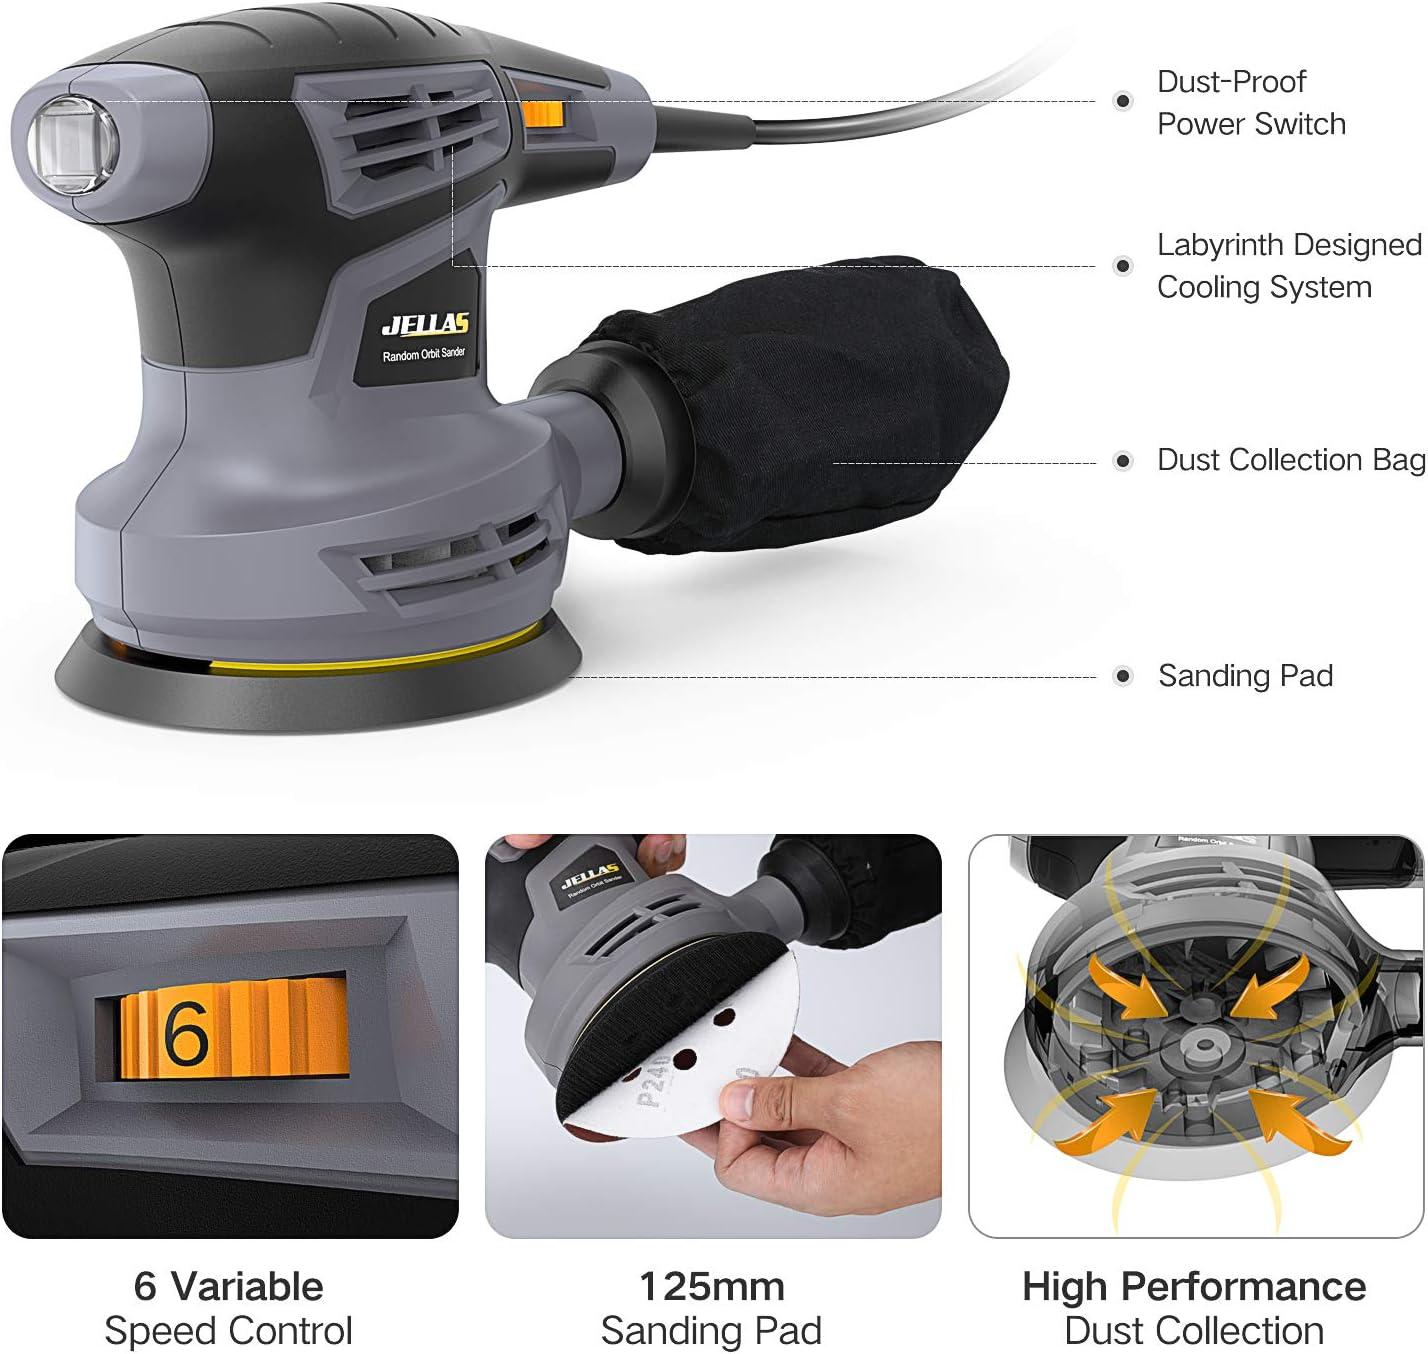 Exzenterschleifer 280 W 125 mm Handschleifer Schleifer Schleifmaschine NEU TOP